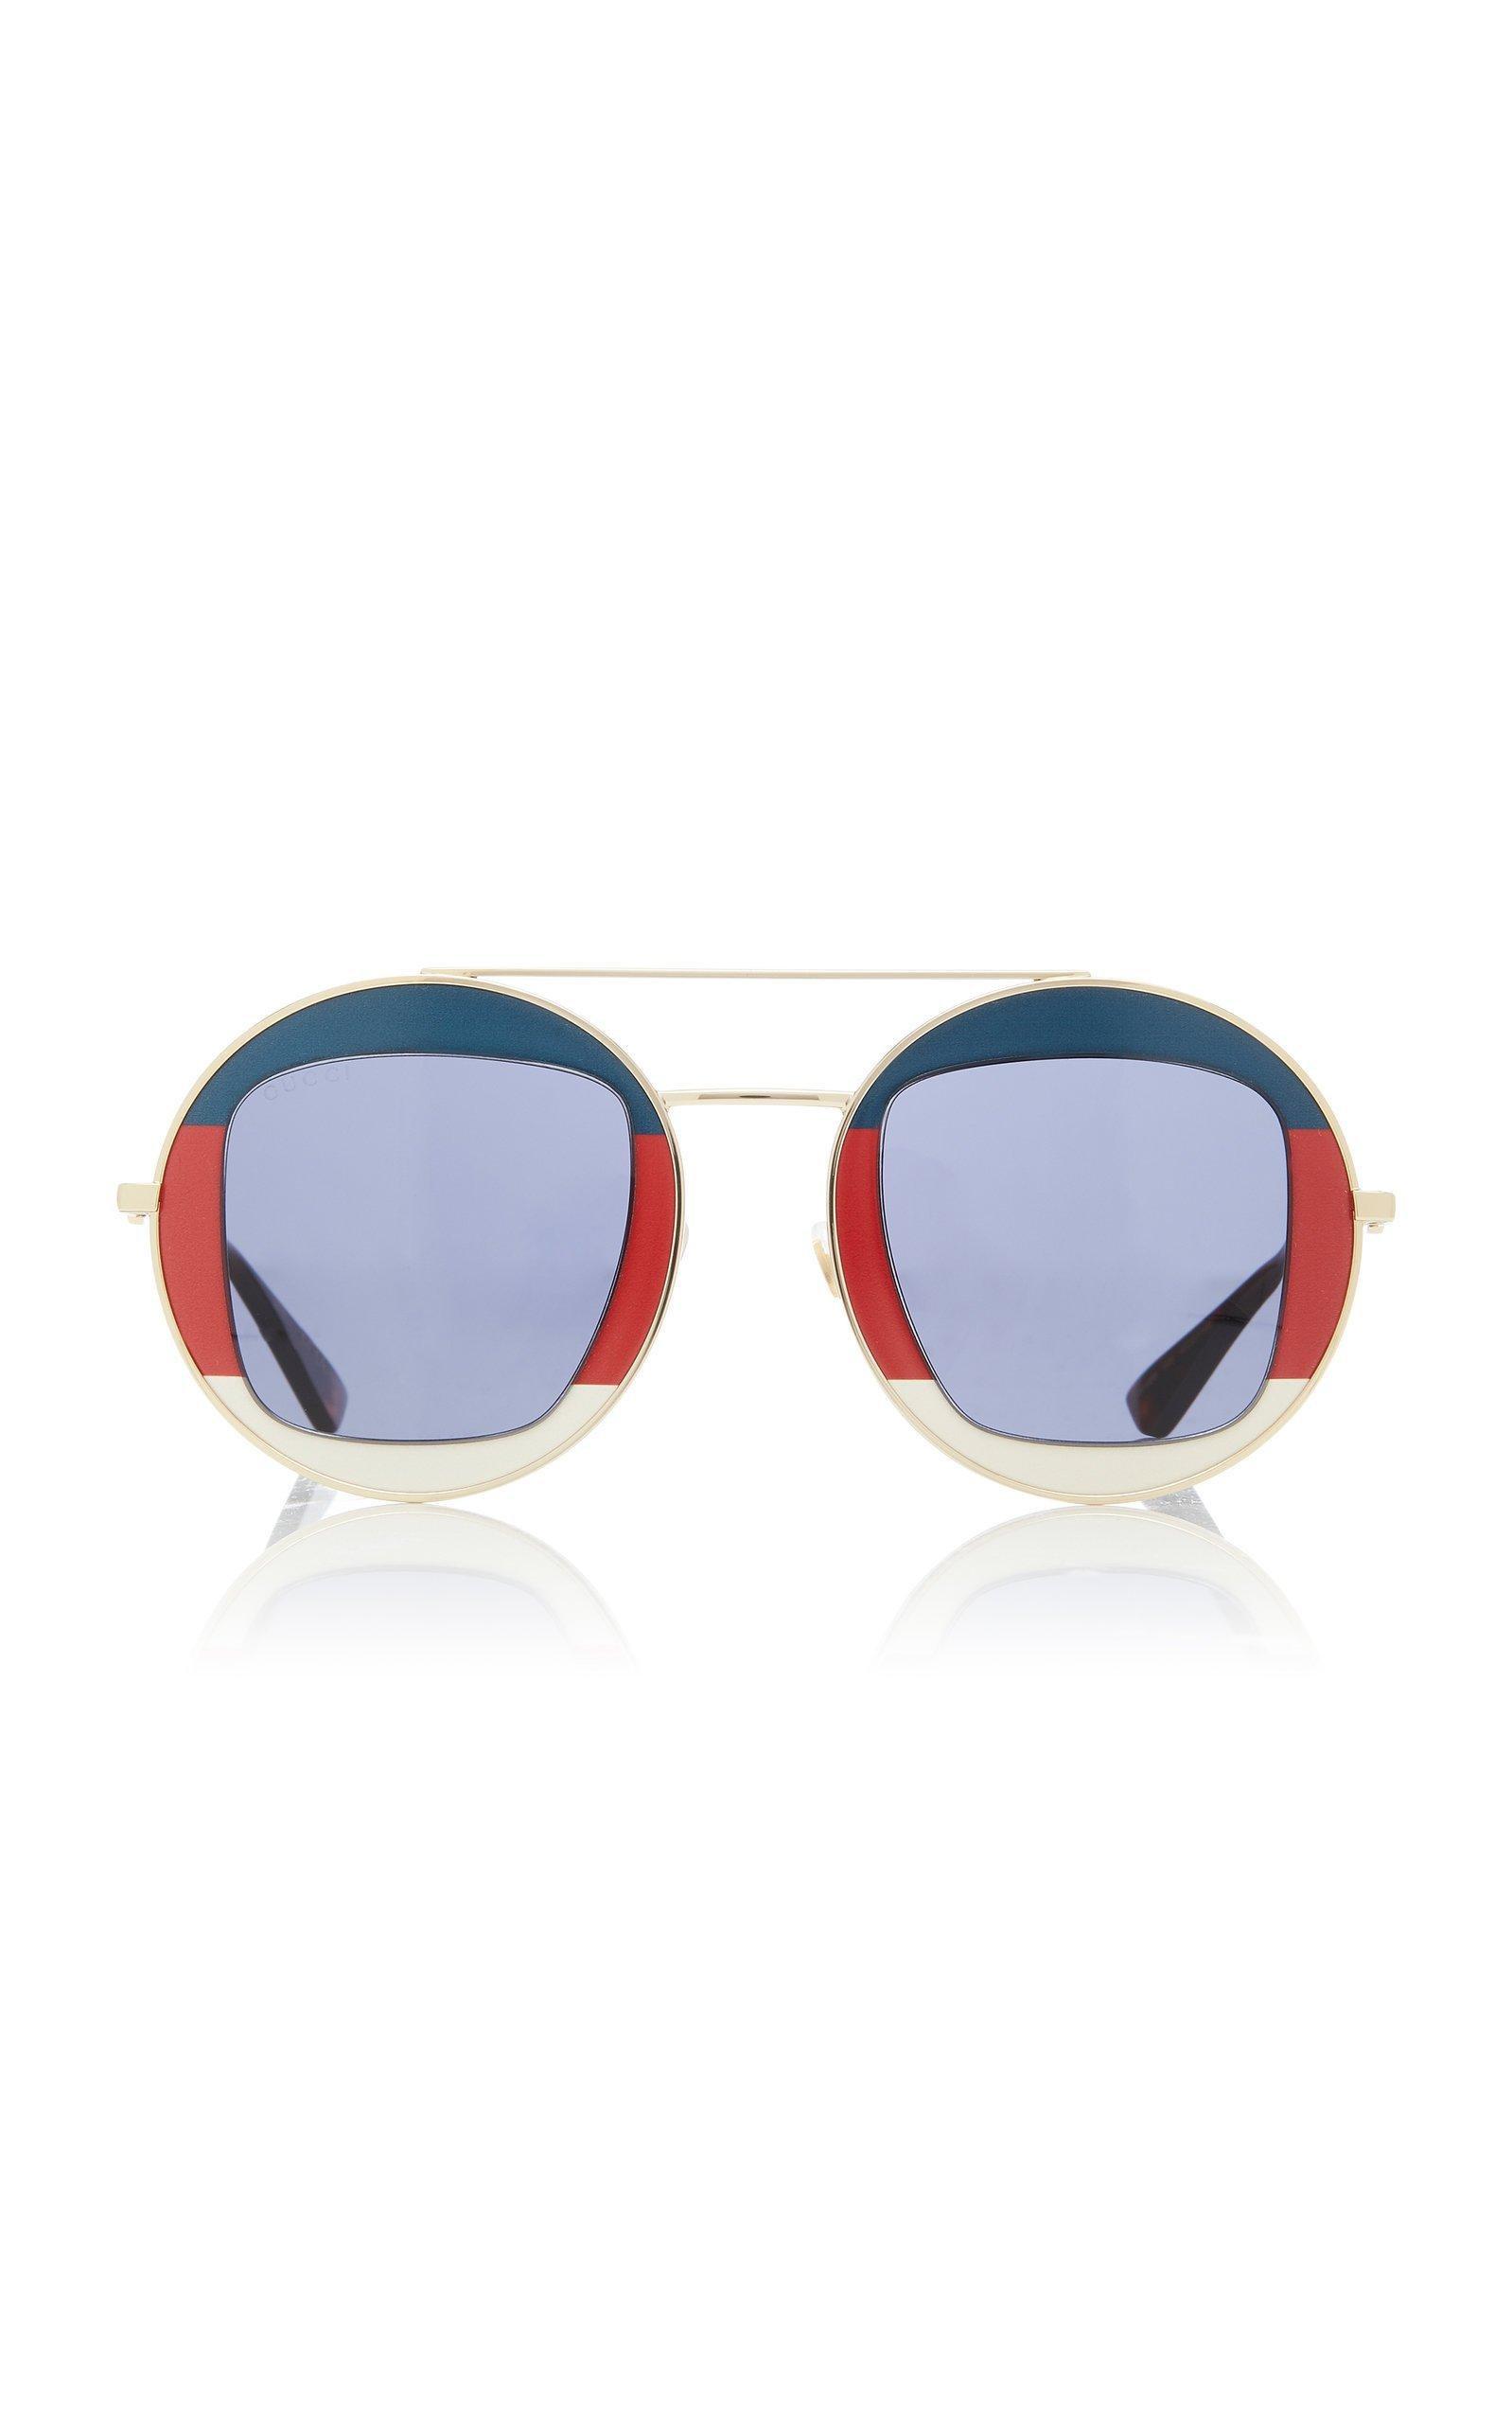 Gucci Sunglasses Urban Sunglasses